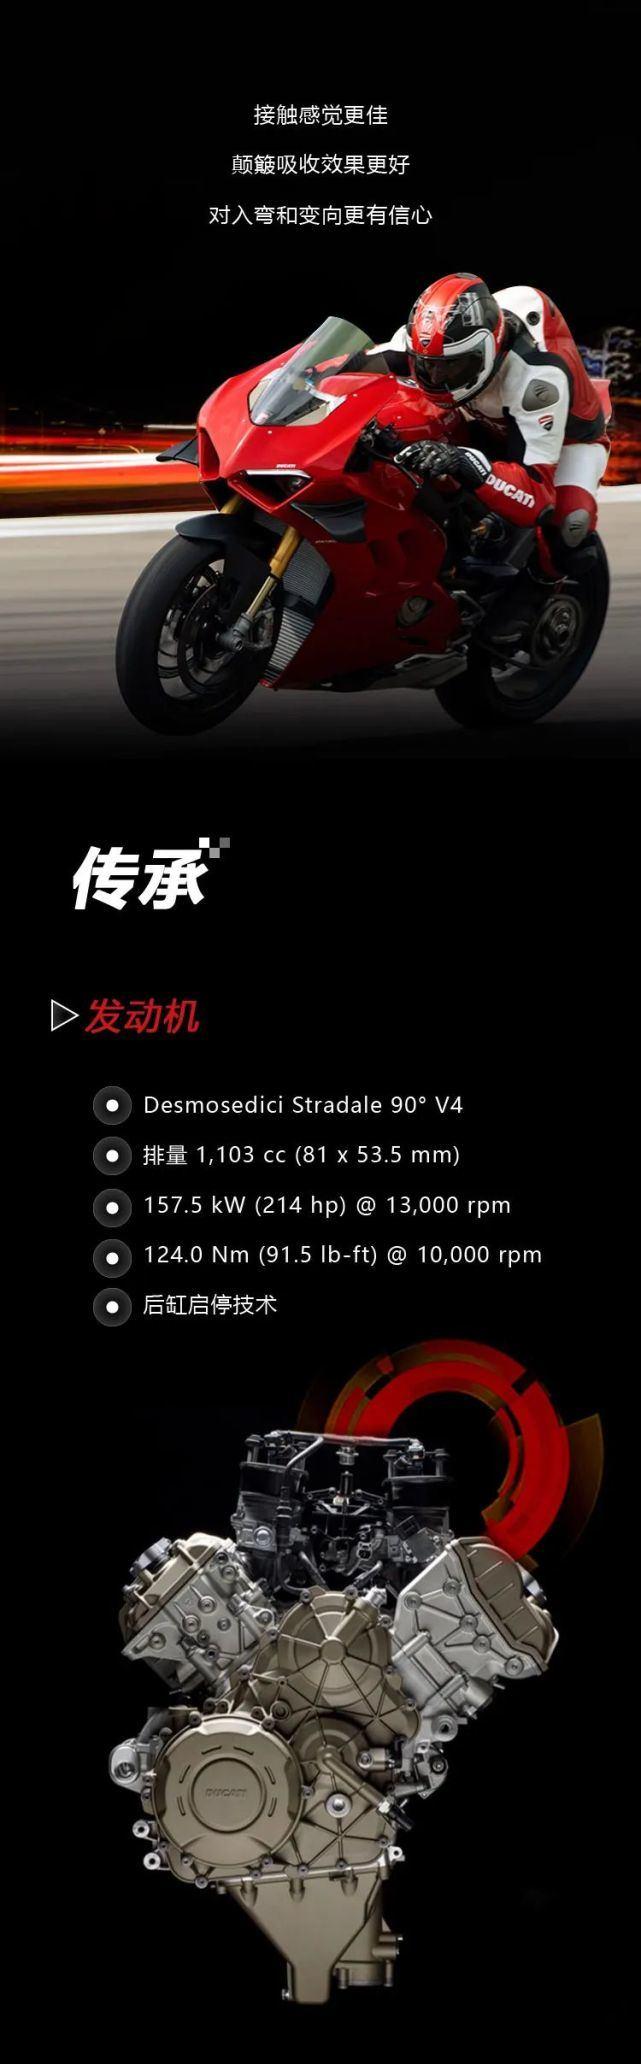 23.8万元起!全新杜卡迪Panigale V4国内发布!-第18张图片-春风行摩托车之家